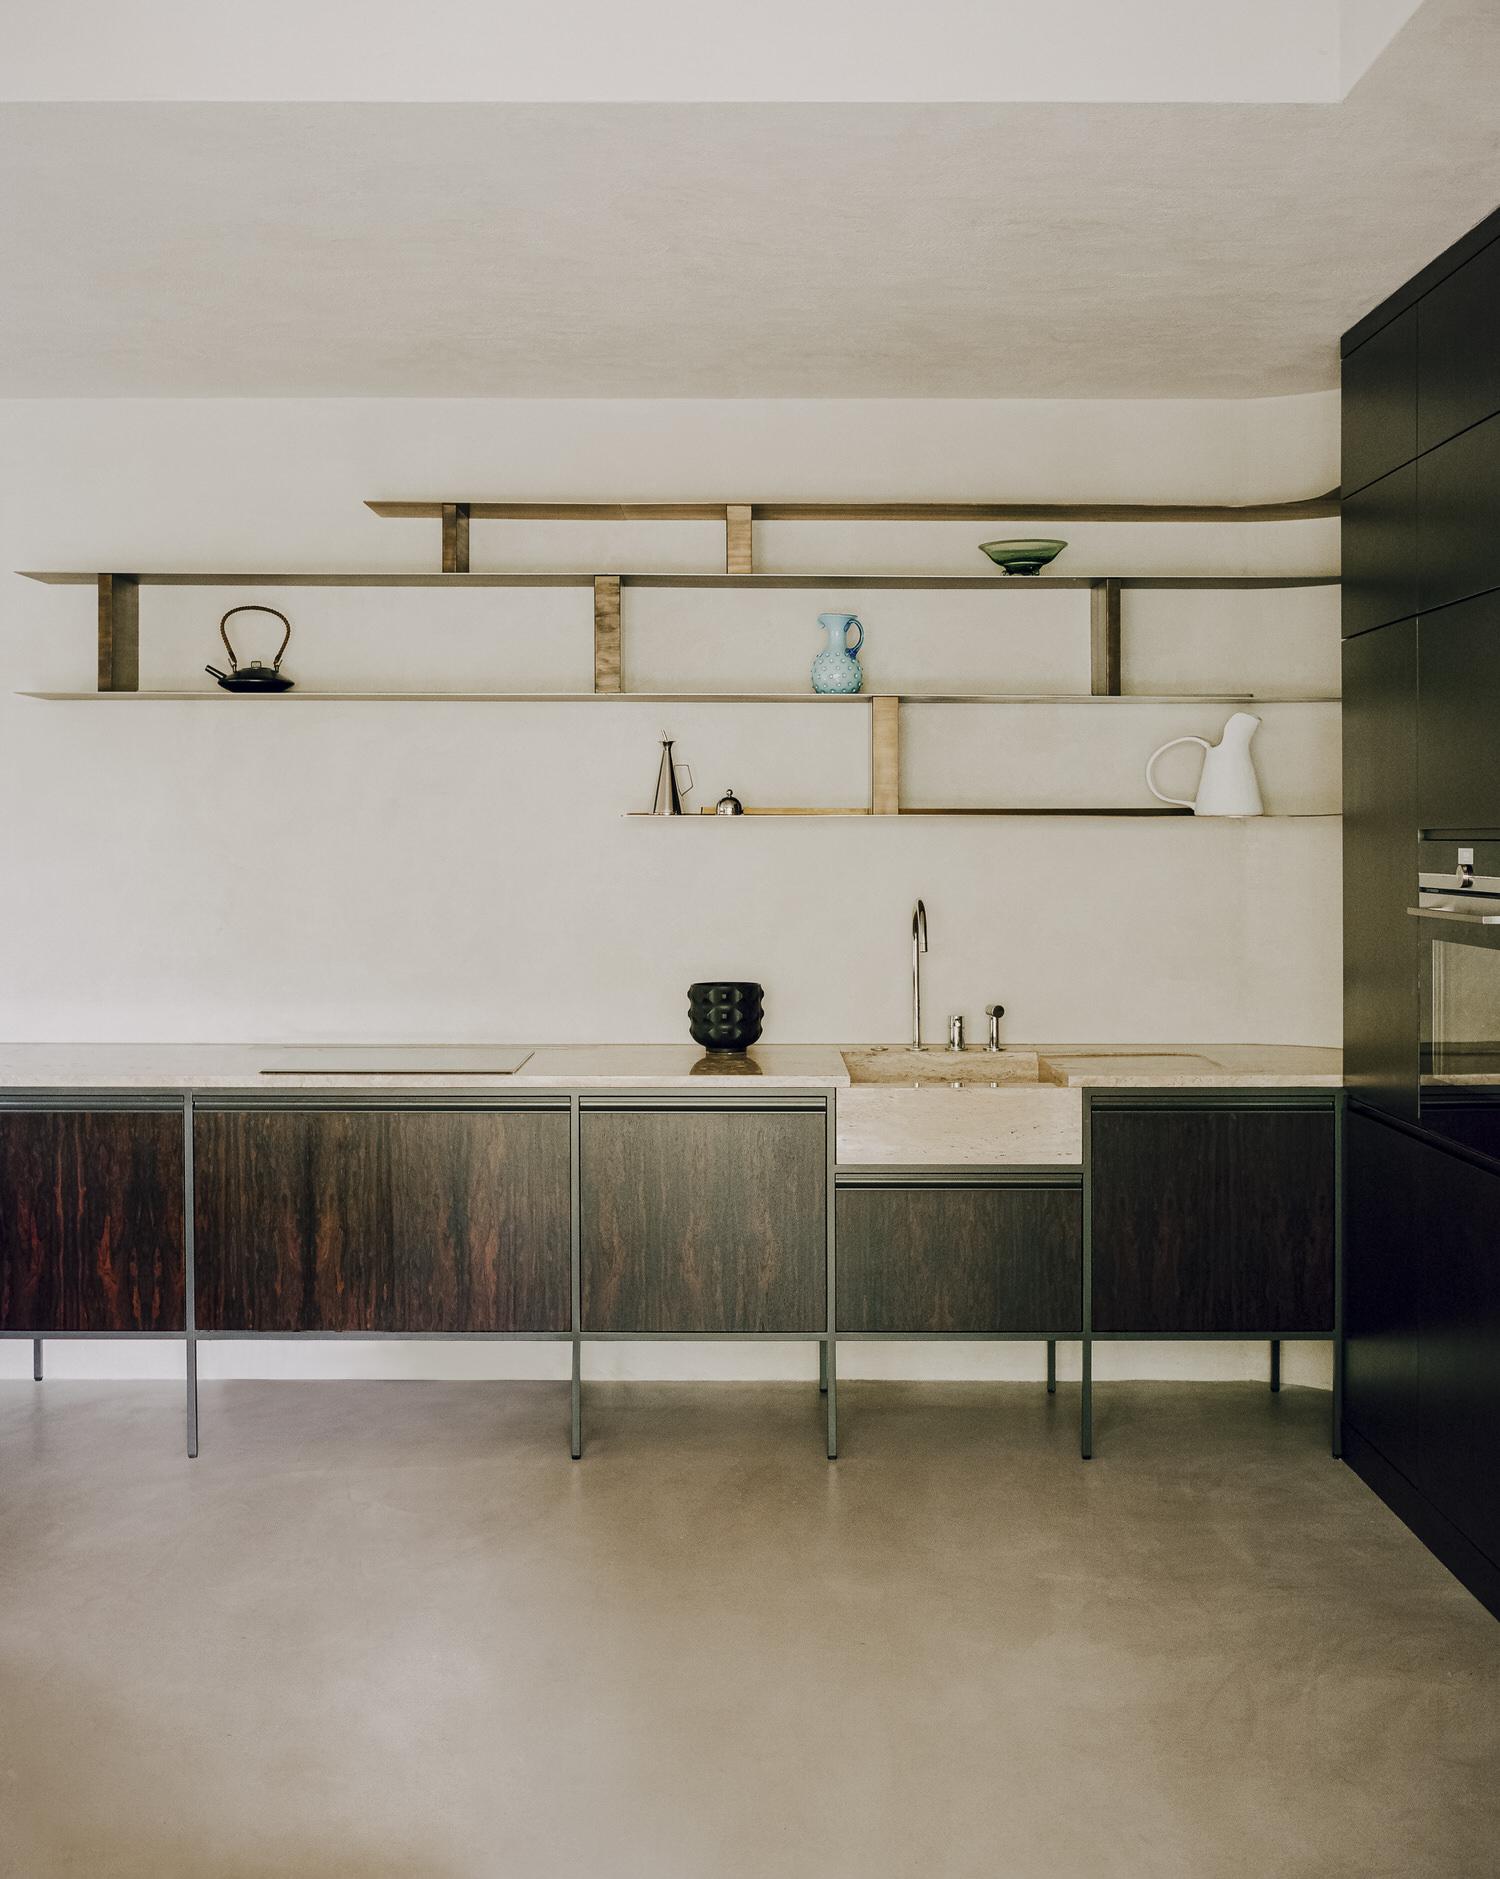 Paradowski Studio Fnl Apartment Warsaw Interiors Photo Pion Studio Yellowtrace 36